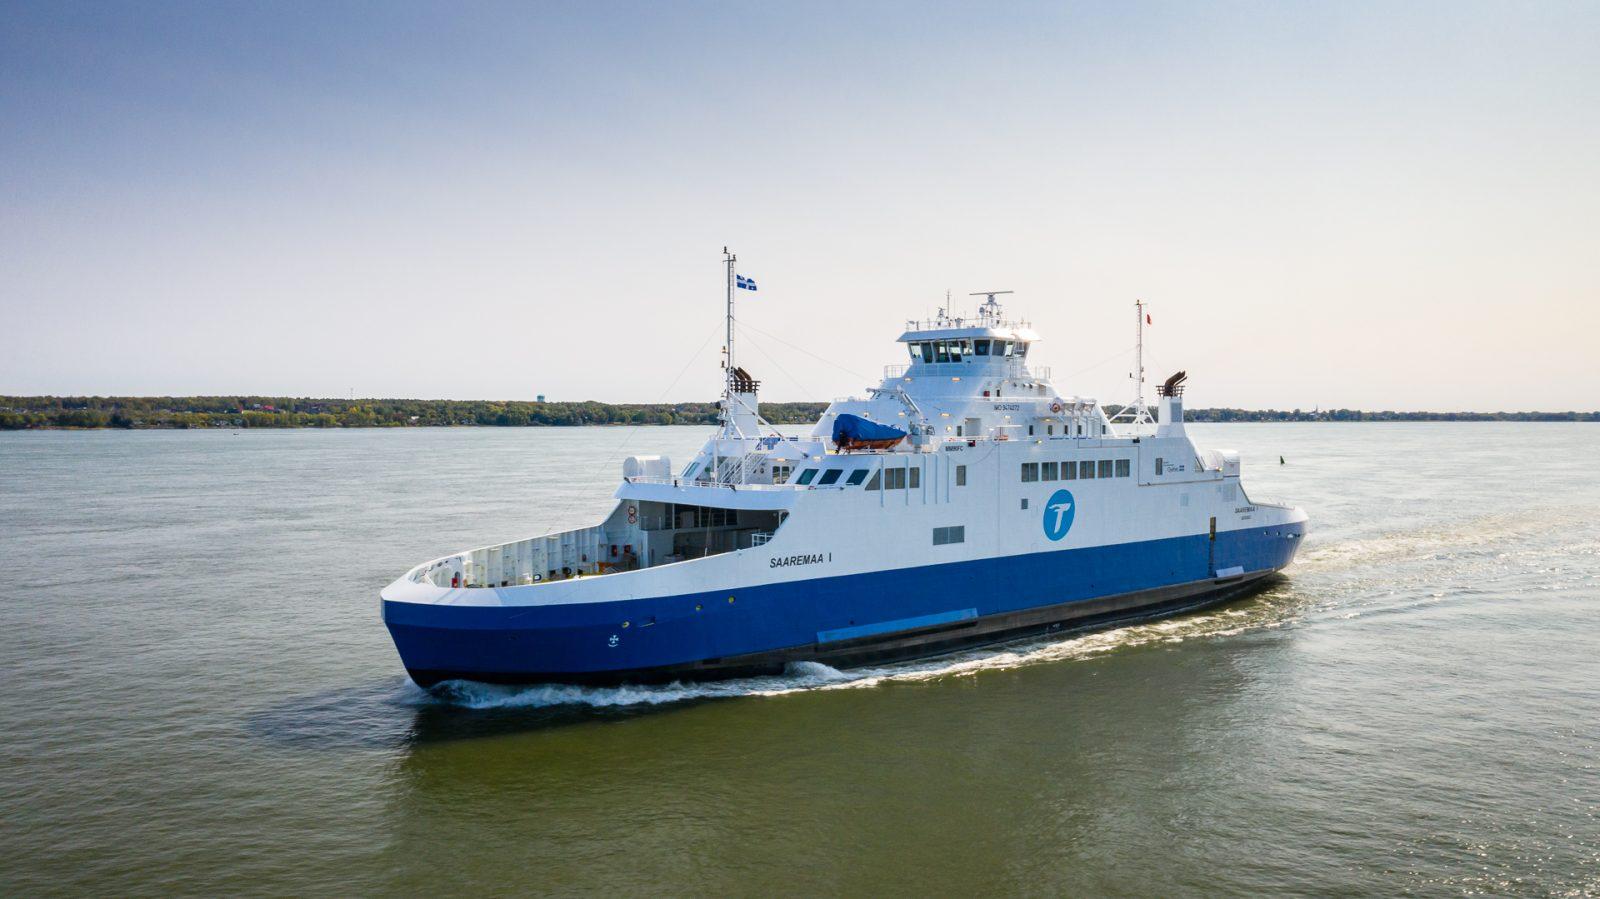 Le <i>Saaremaa I</i> quitte Godbout une semaine après avoir heurté le quai